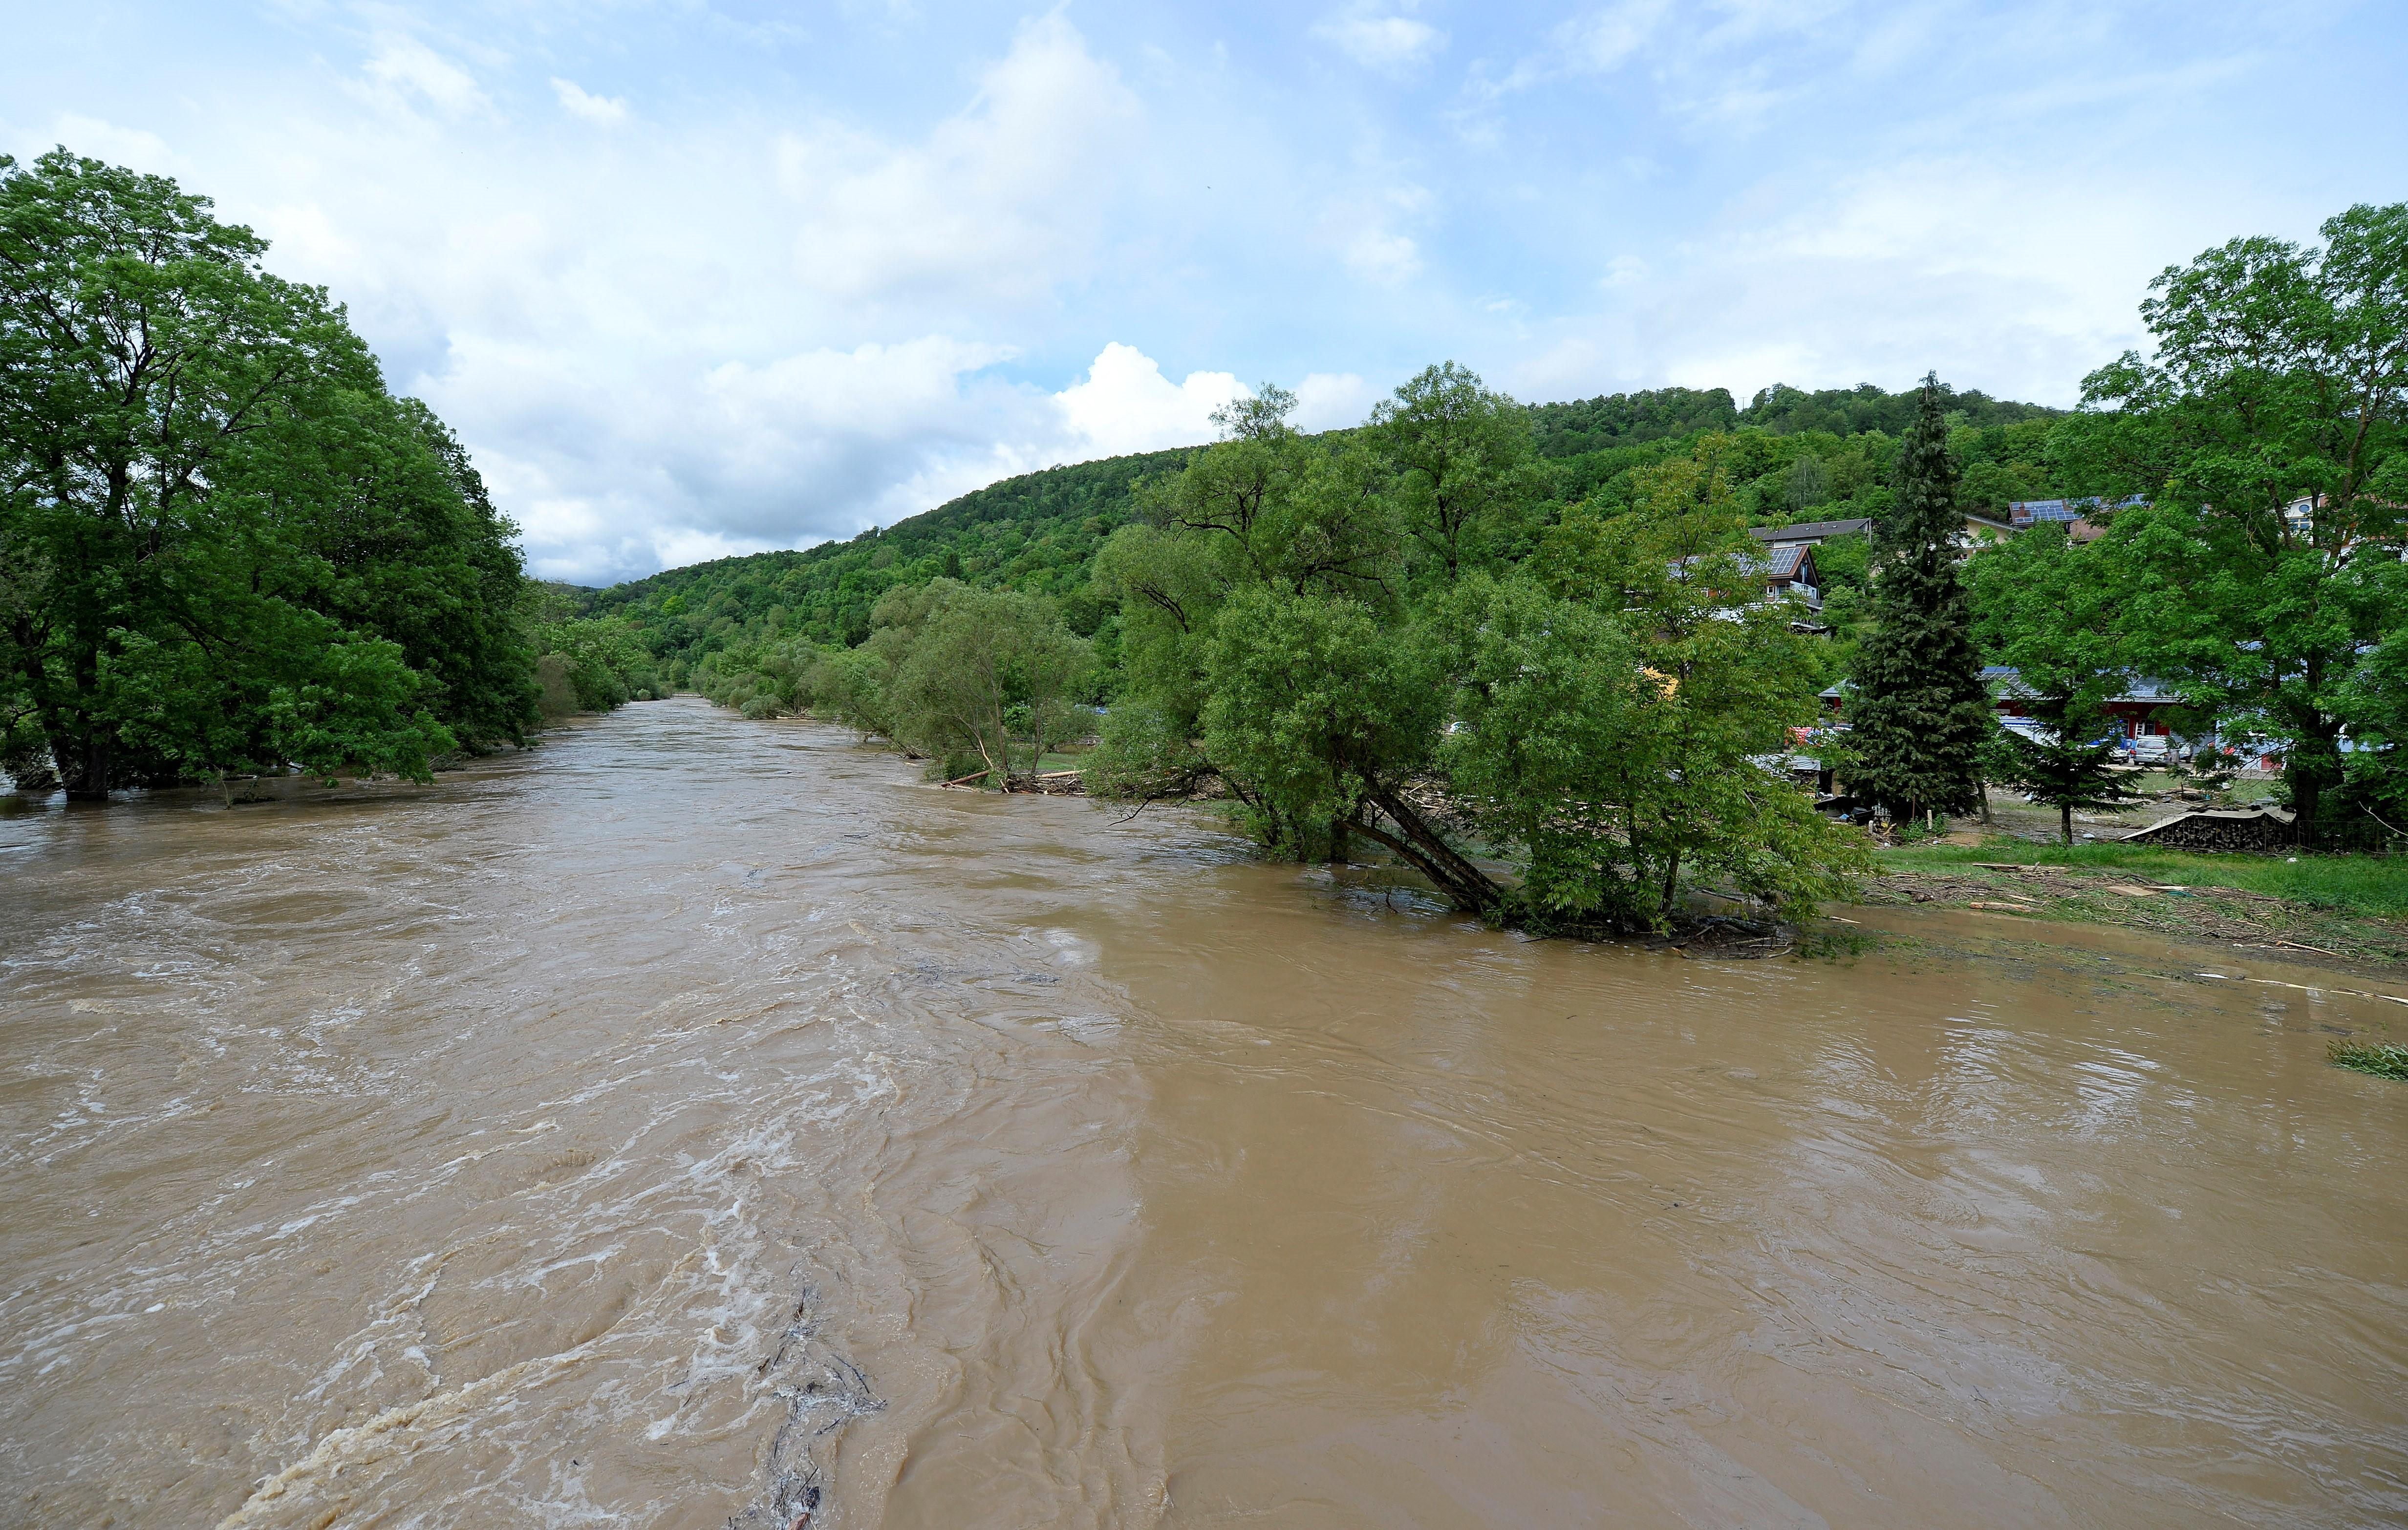 Cod galben de inundaţii pe râuri din Satu Mare, Hunedoara şi Arad